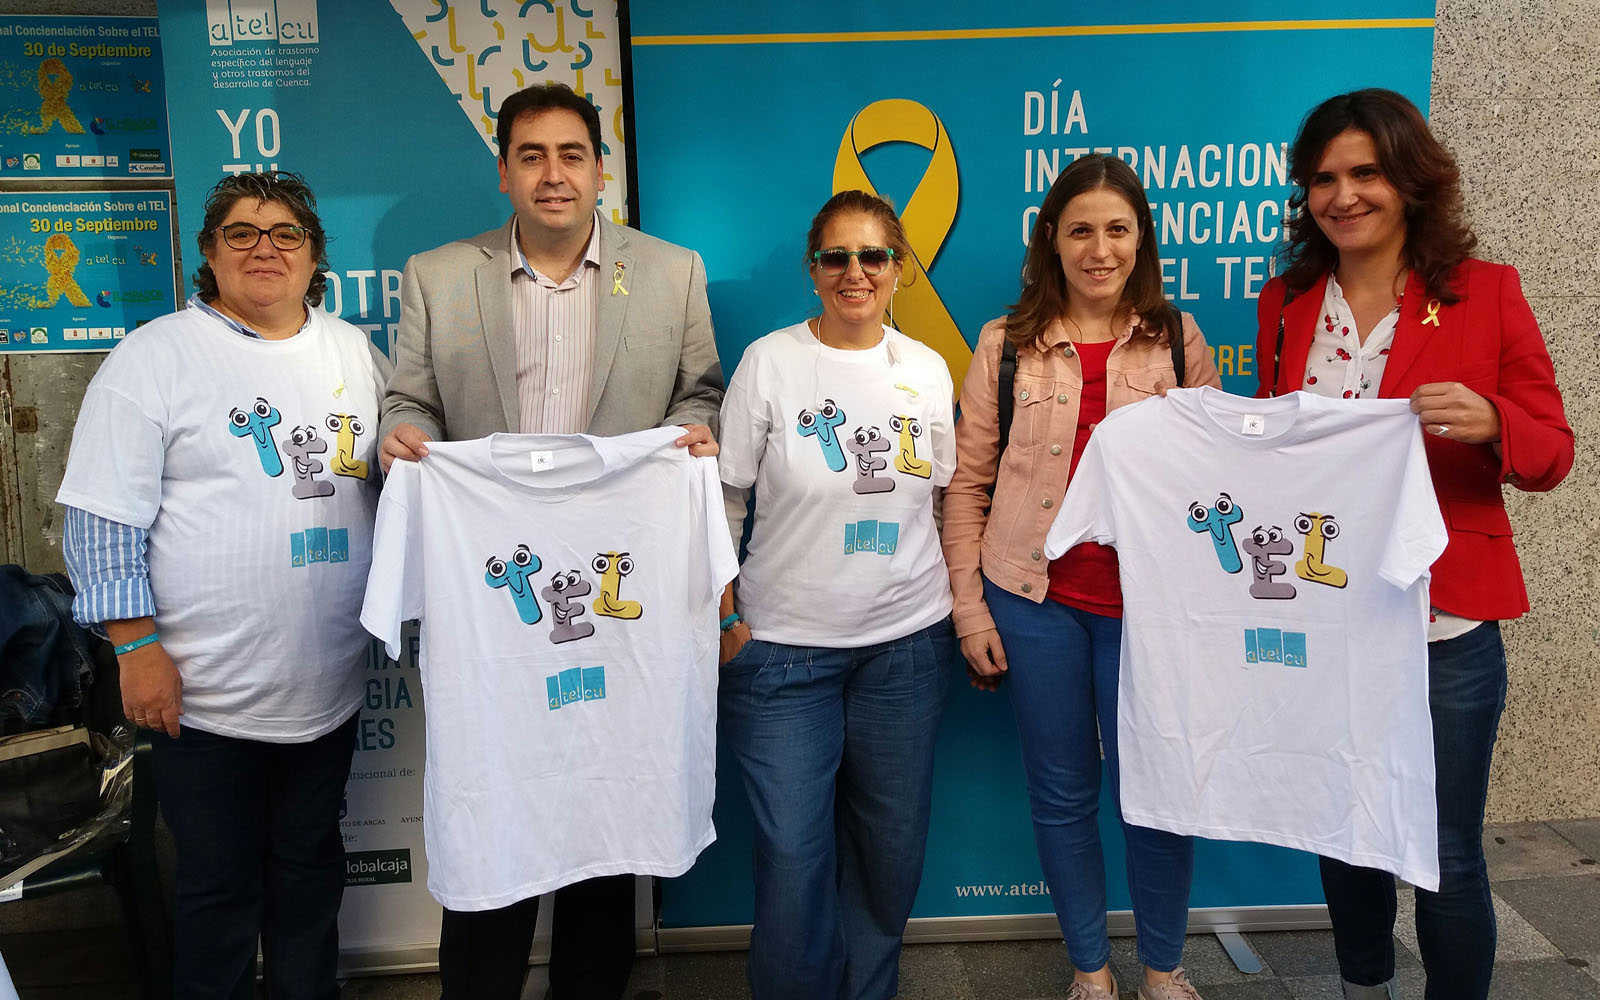 Globalcaja apoya a ATELCU en la concienciación sobre el TEL